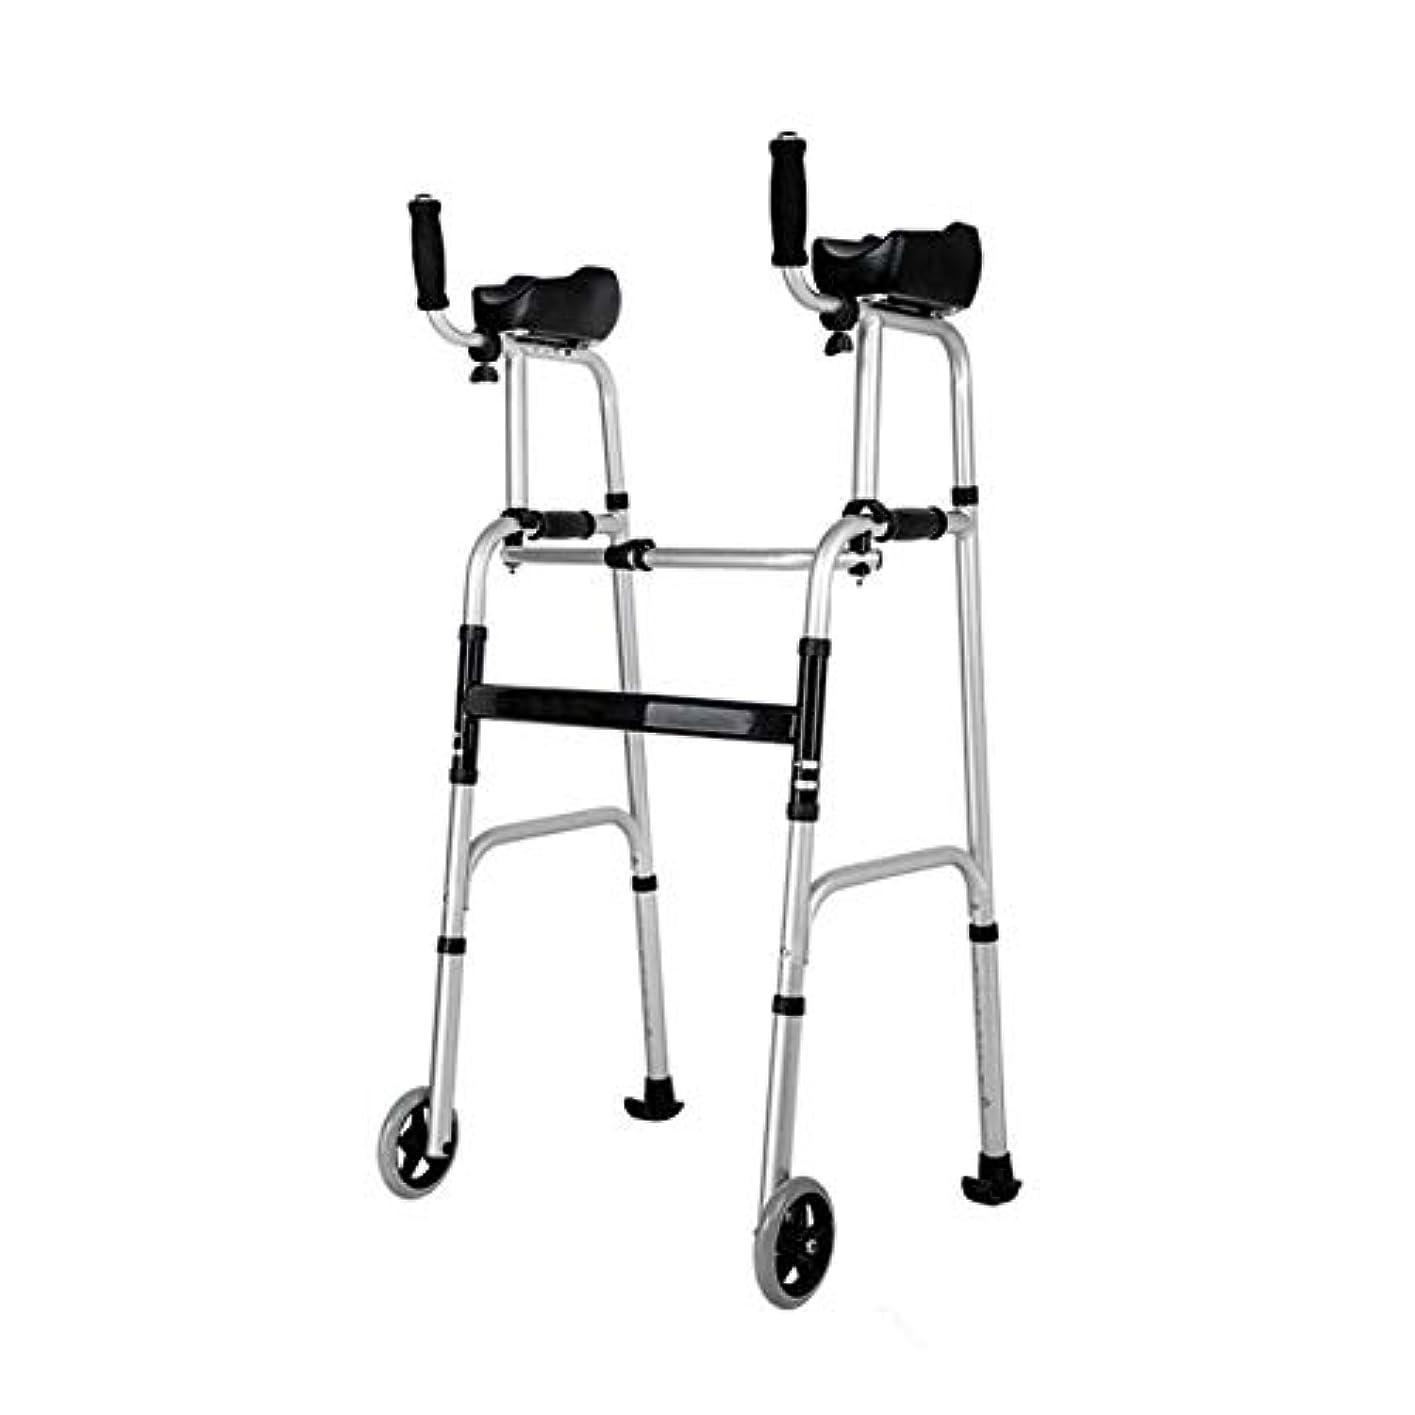 デザイナー常識暴動車輪が付いている折る歩行者、不具の高齢者のための2輪歩行者の高さの調節可能なスリップ防止椅子の腰掛け (Color : 黒)